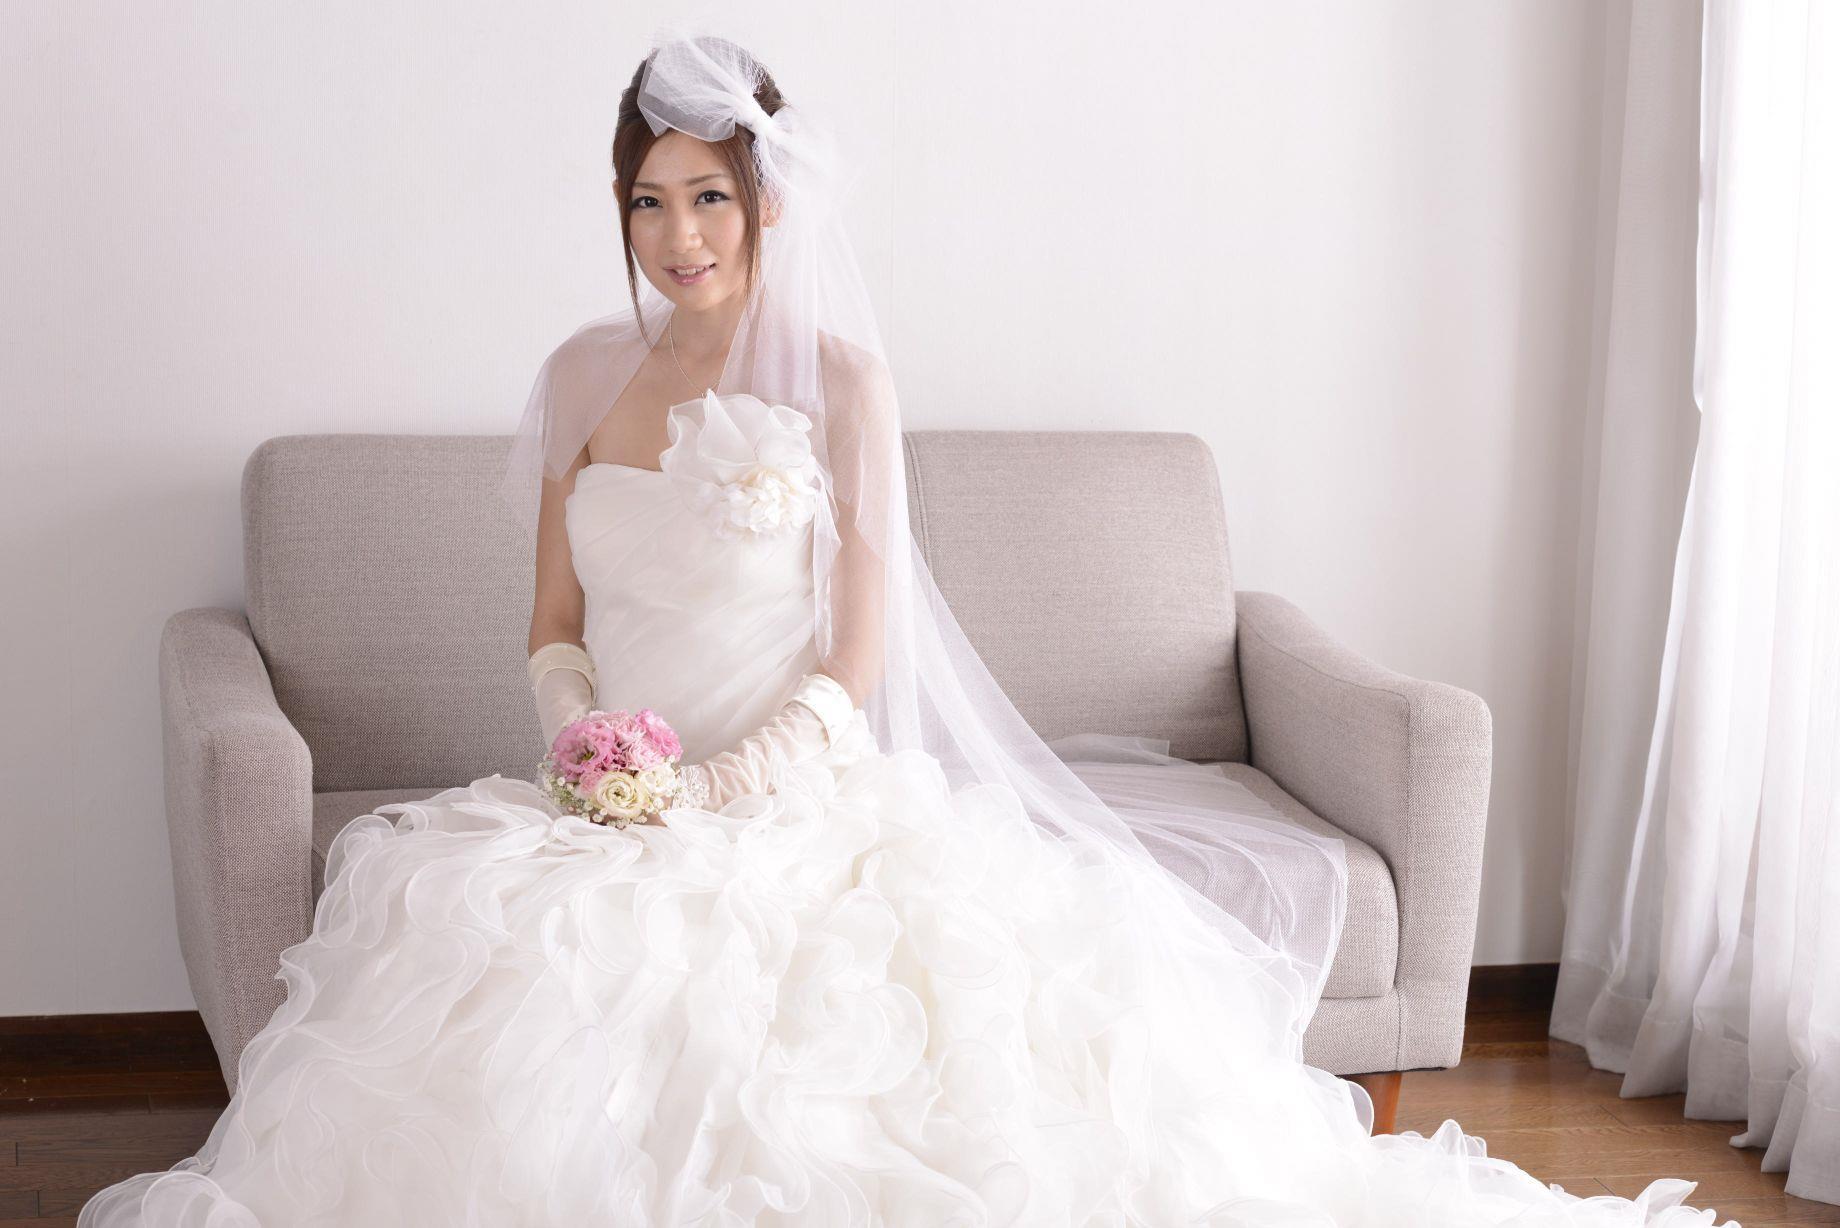 前田かおり ウェディングドレス画像 43